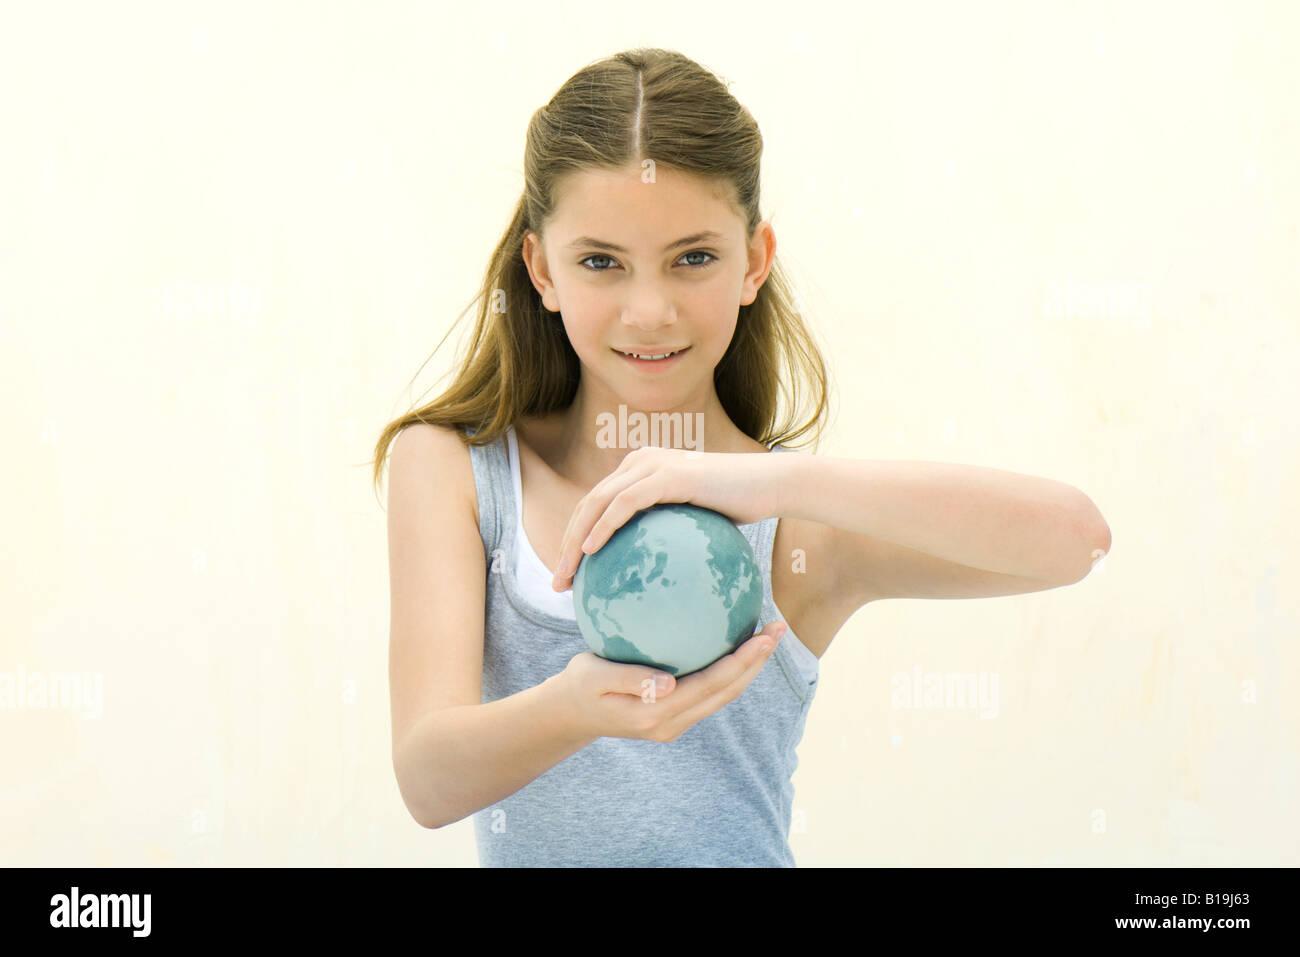 Preteen Mädchen mit kleine Weltkugel in Händen, in die Kamera Lächeln Stockbild